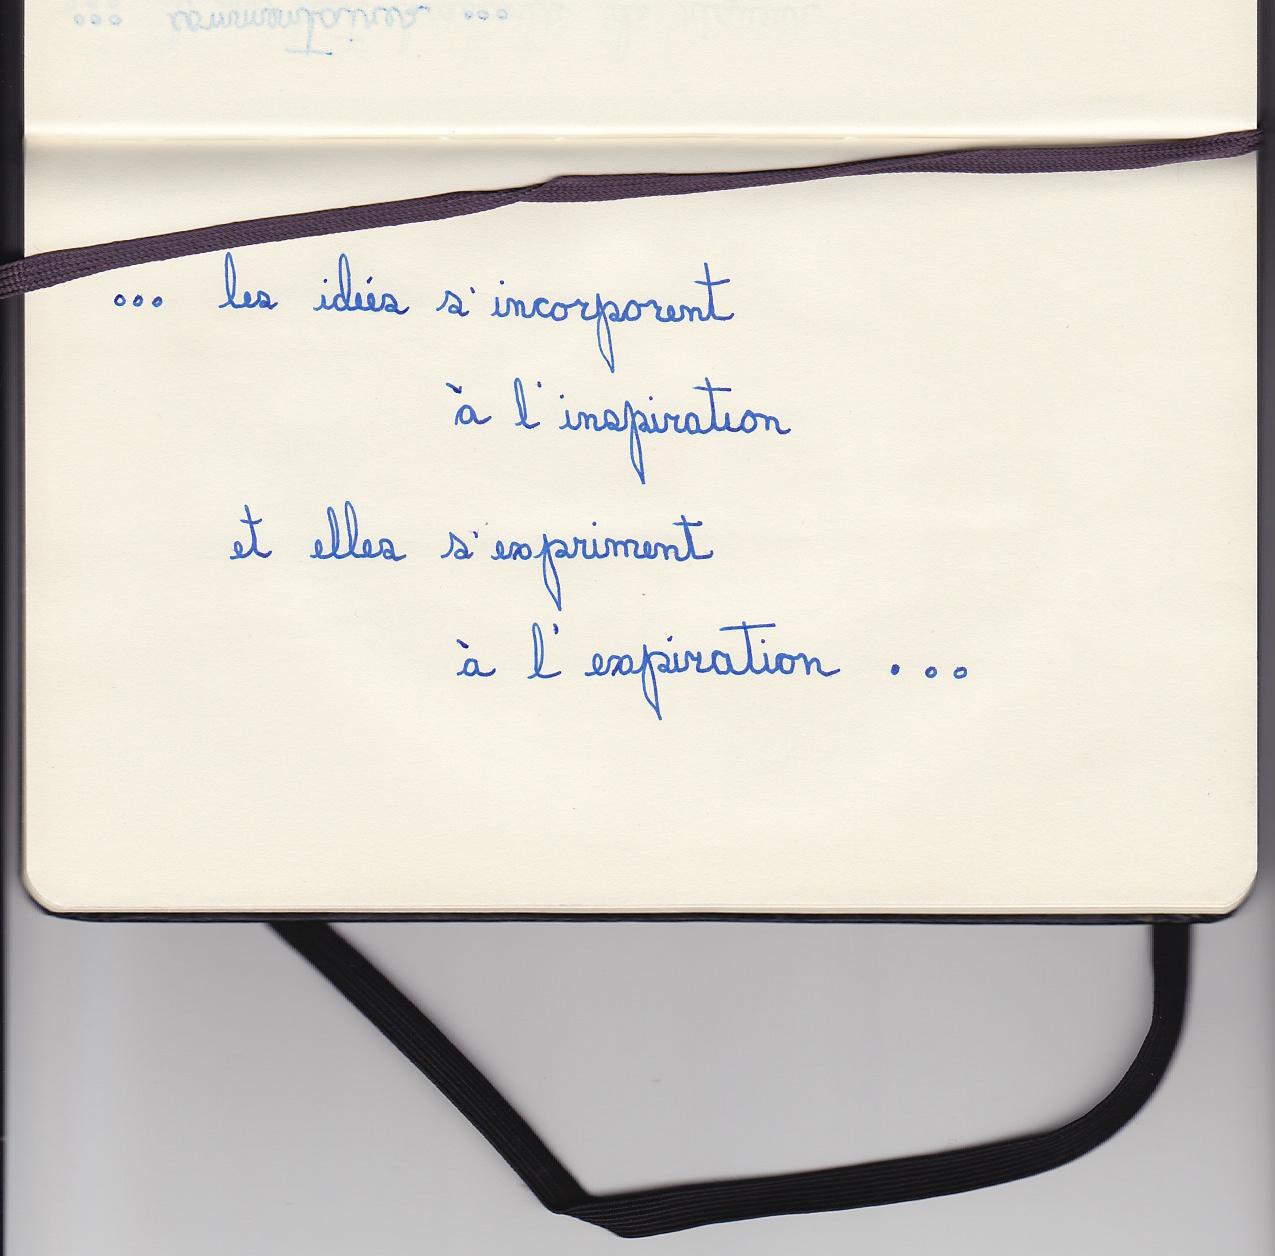 diane-dubeau-journal-d-atelier-reflexions-respiration